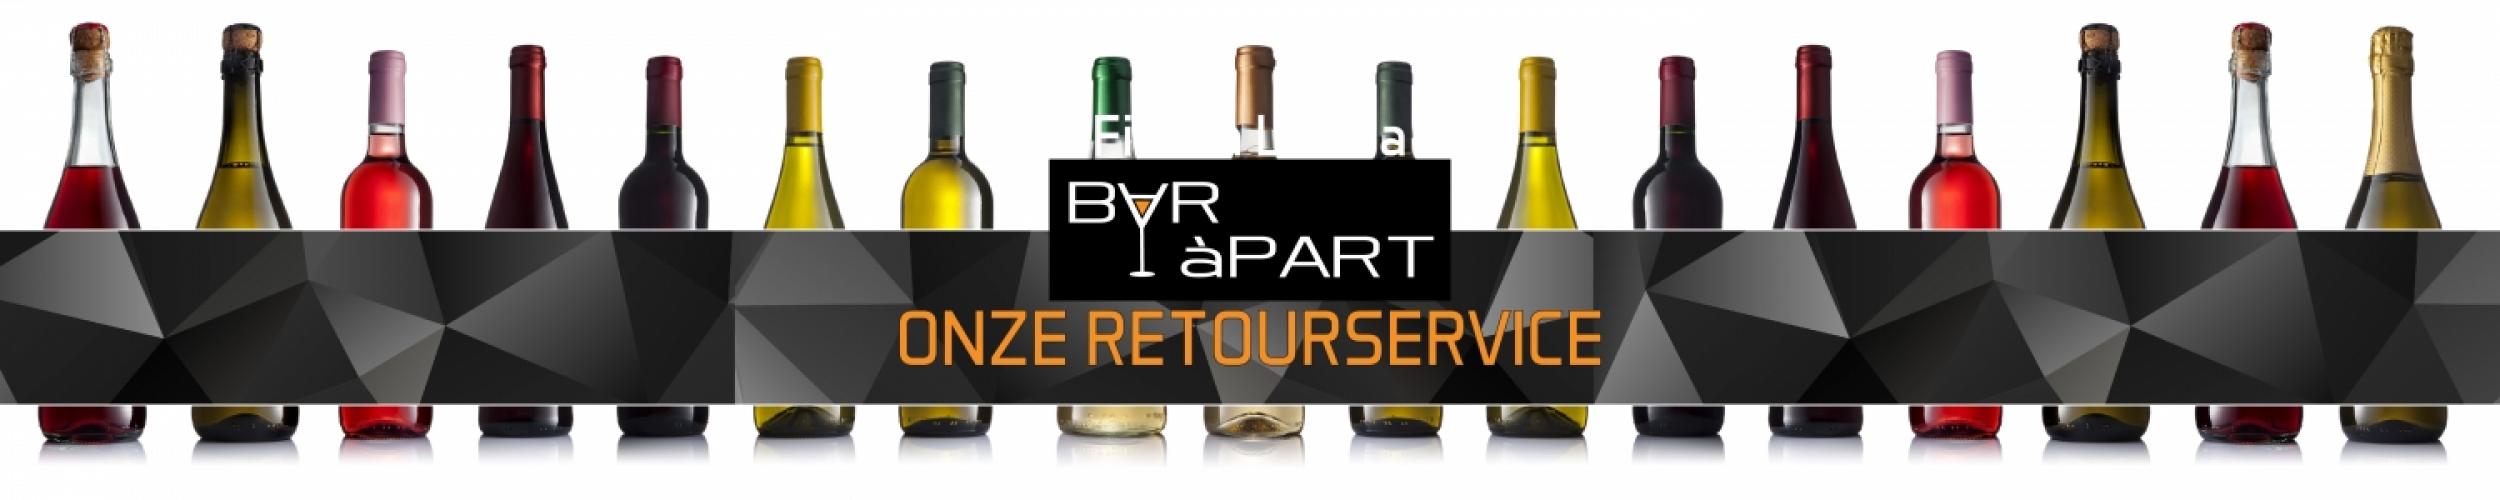 BAR àPART Retourservice voor feesten